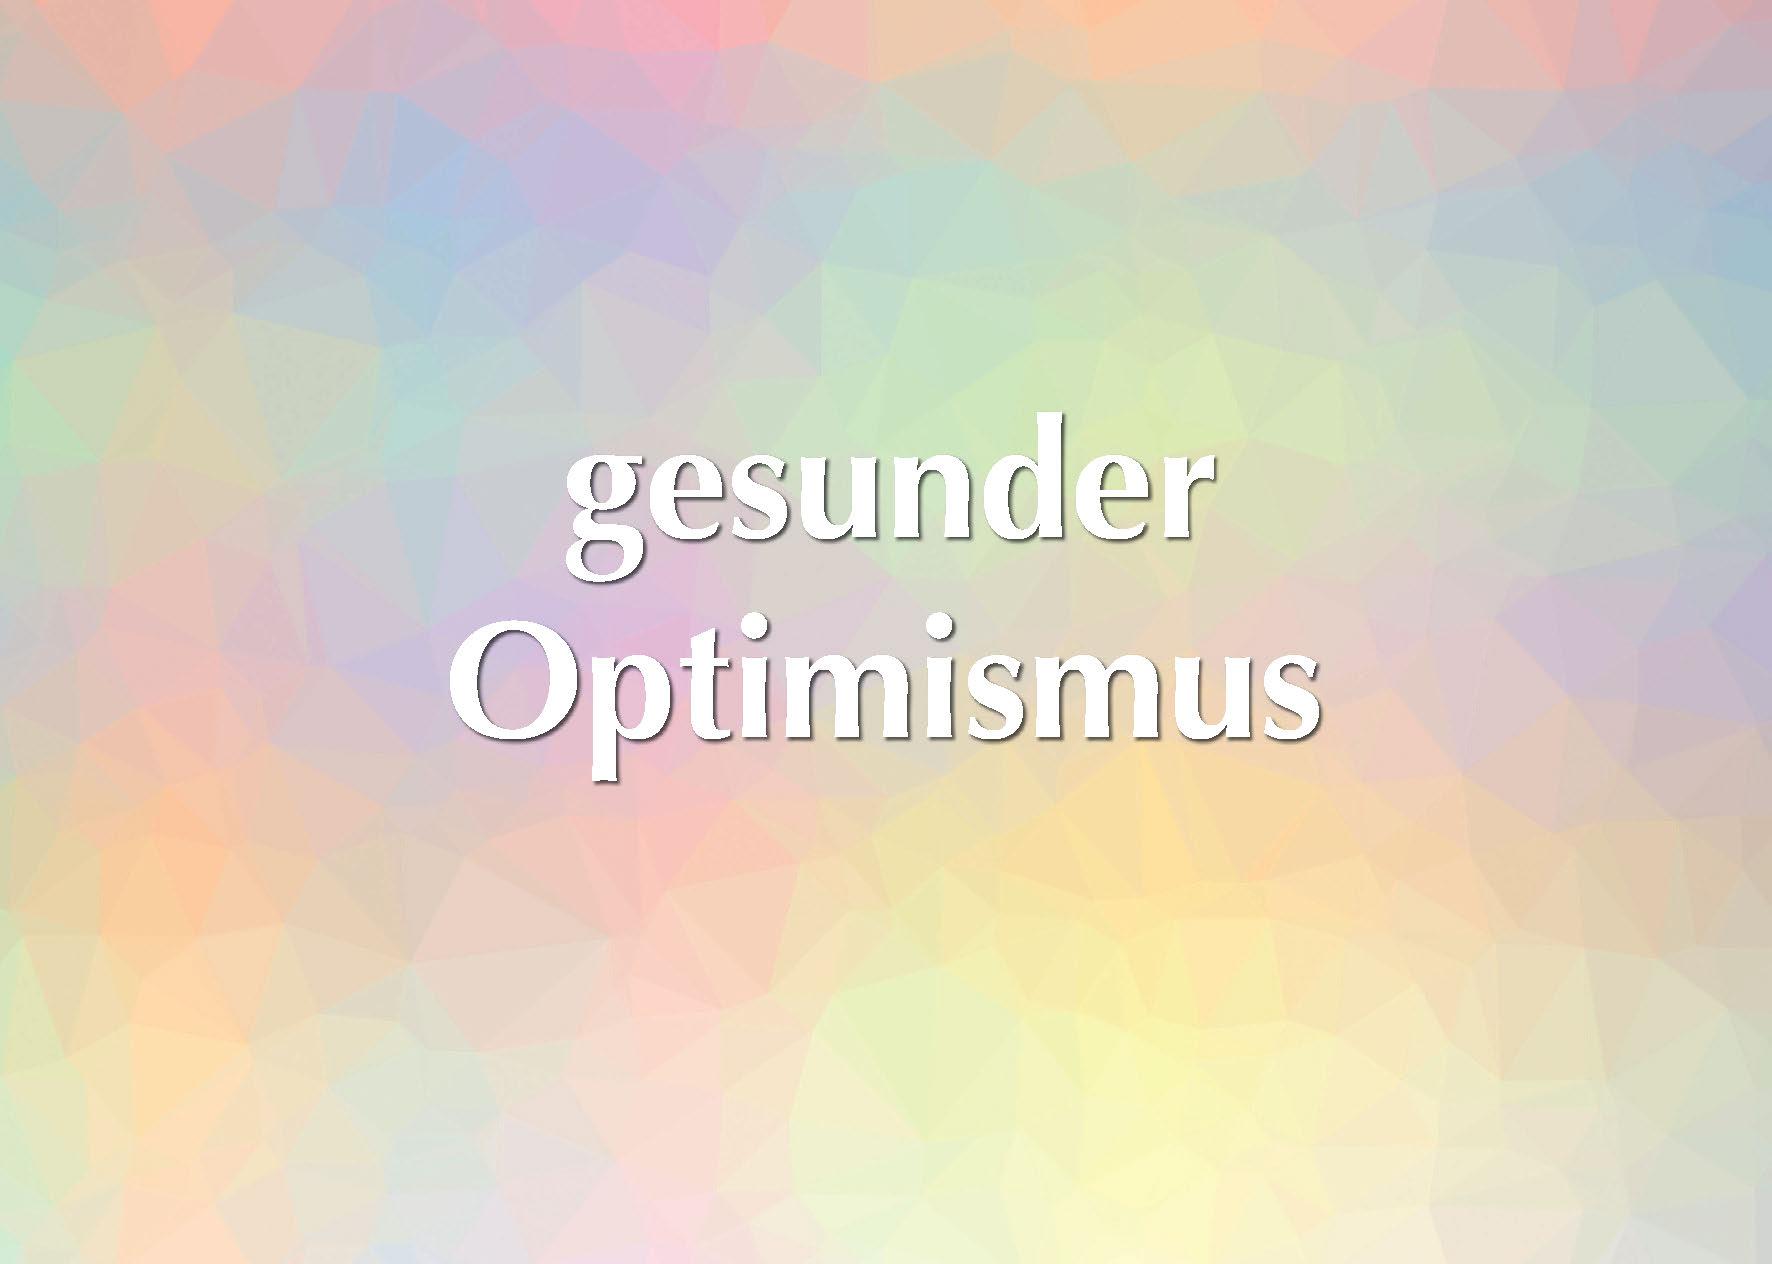 gesunder Optimismus